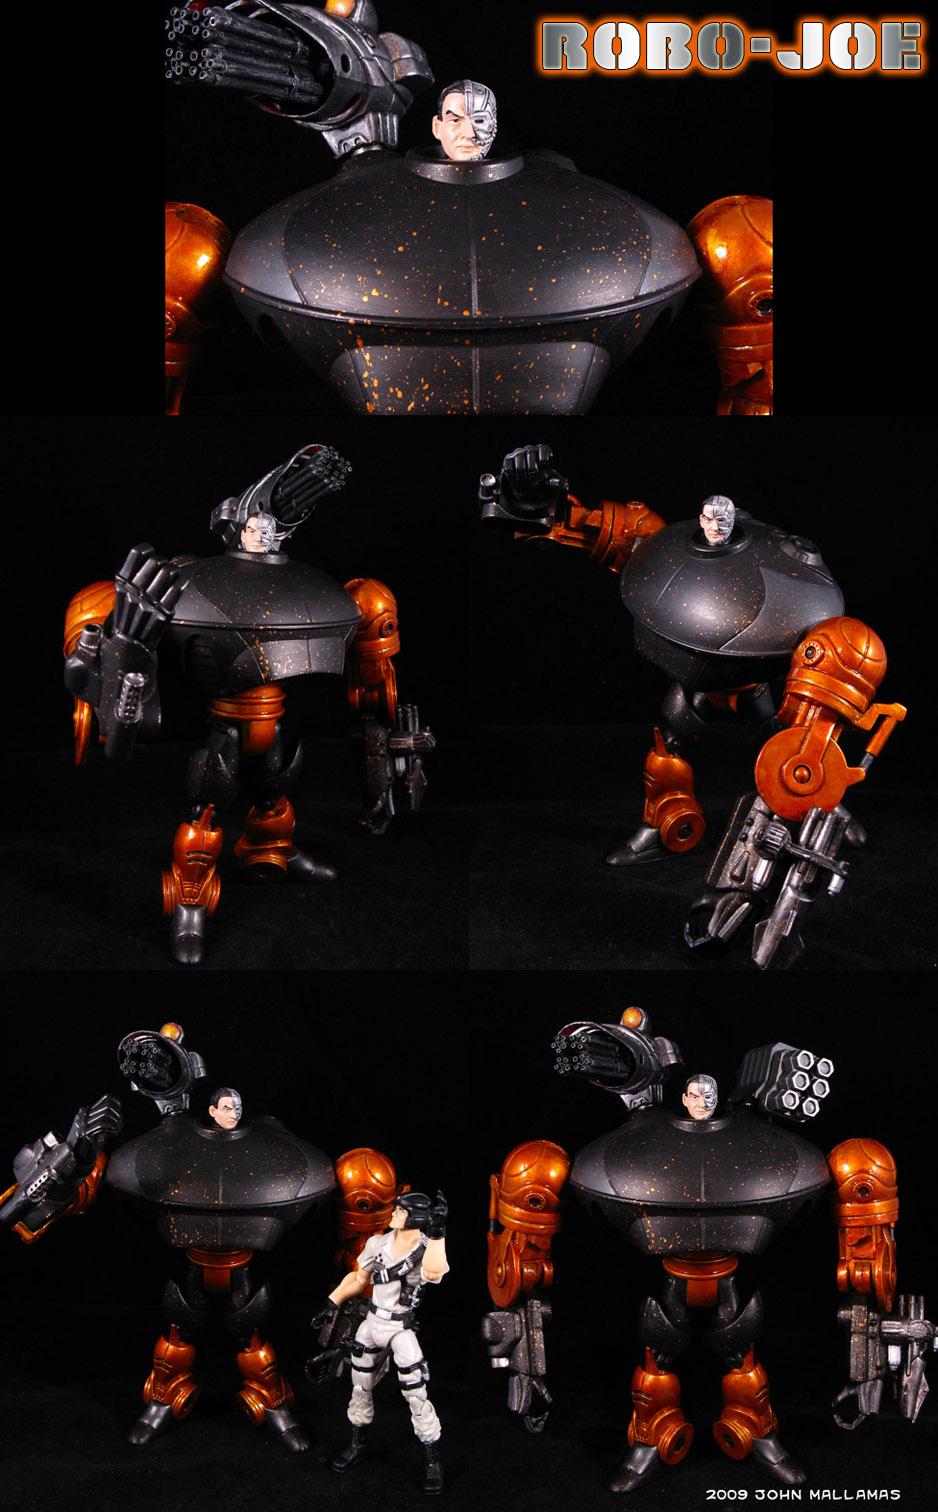 Robo-Joe